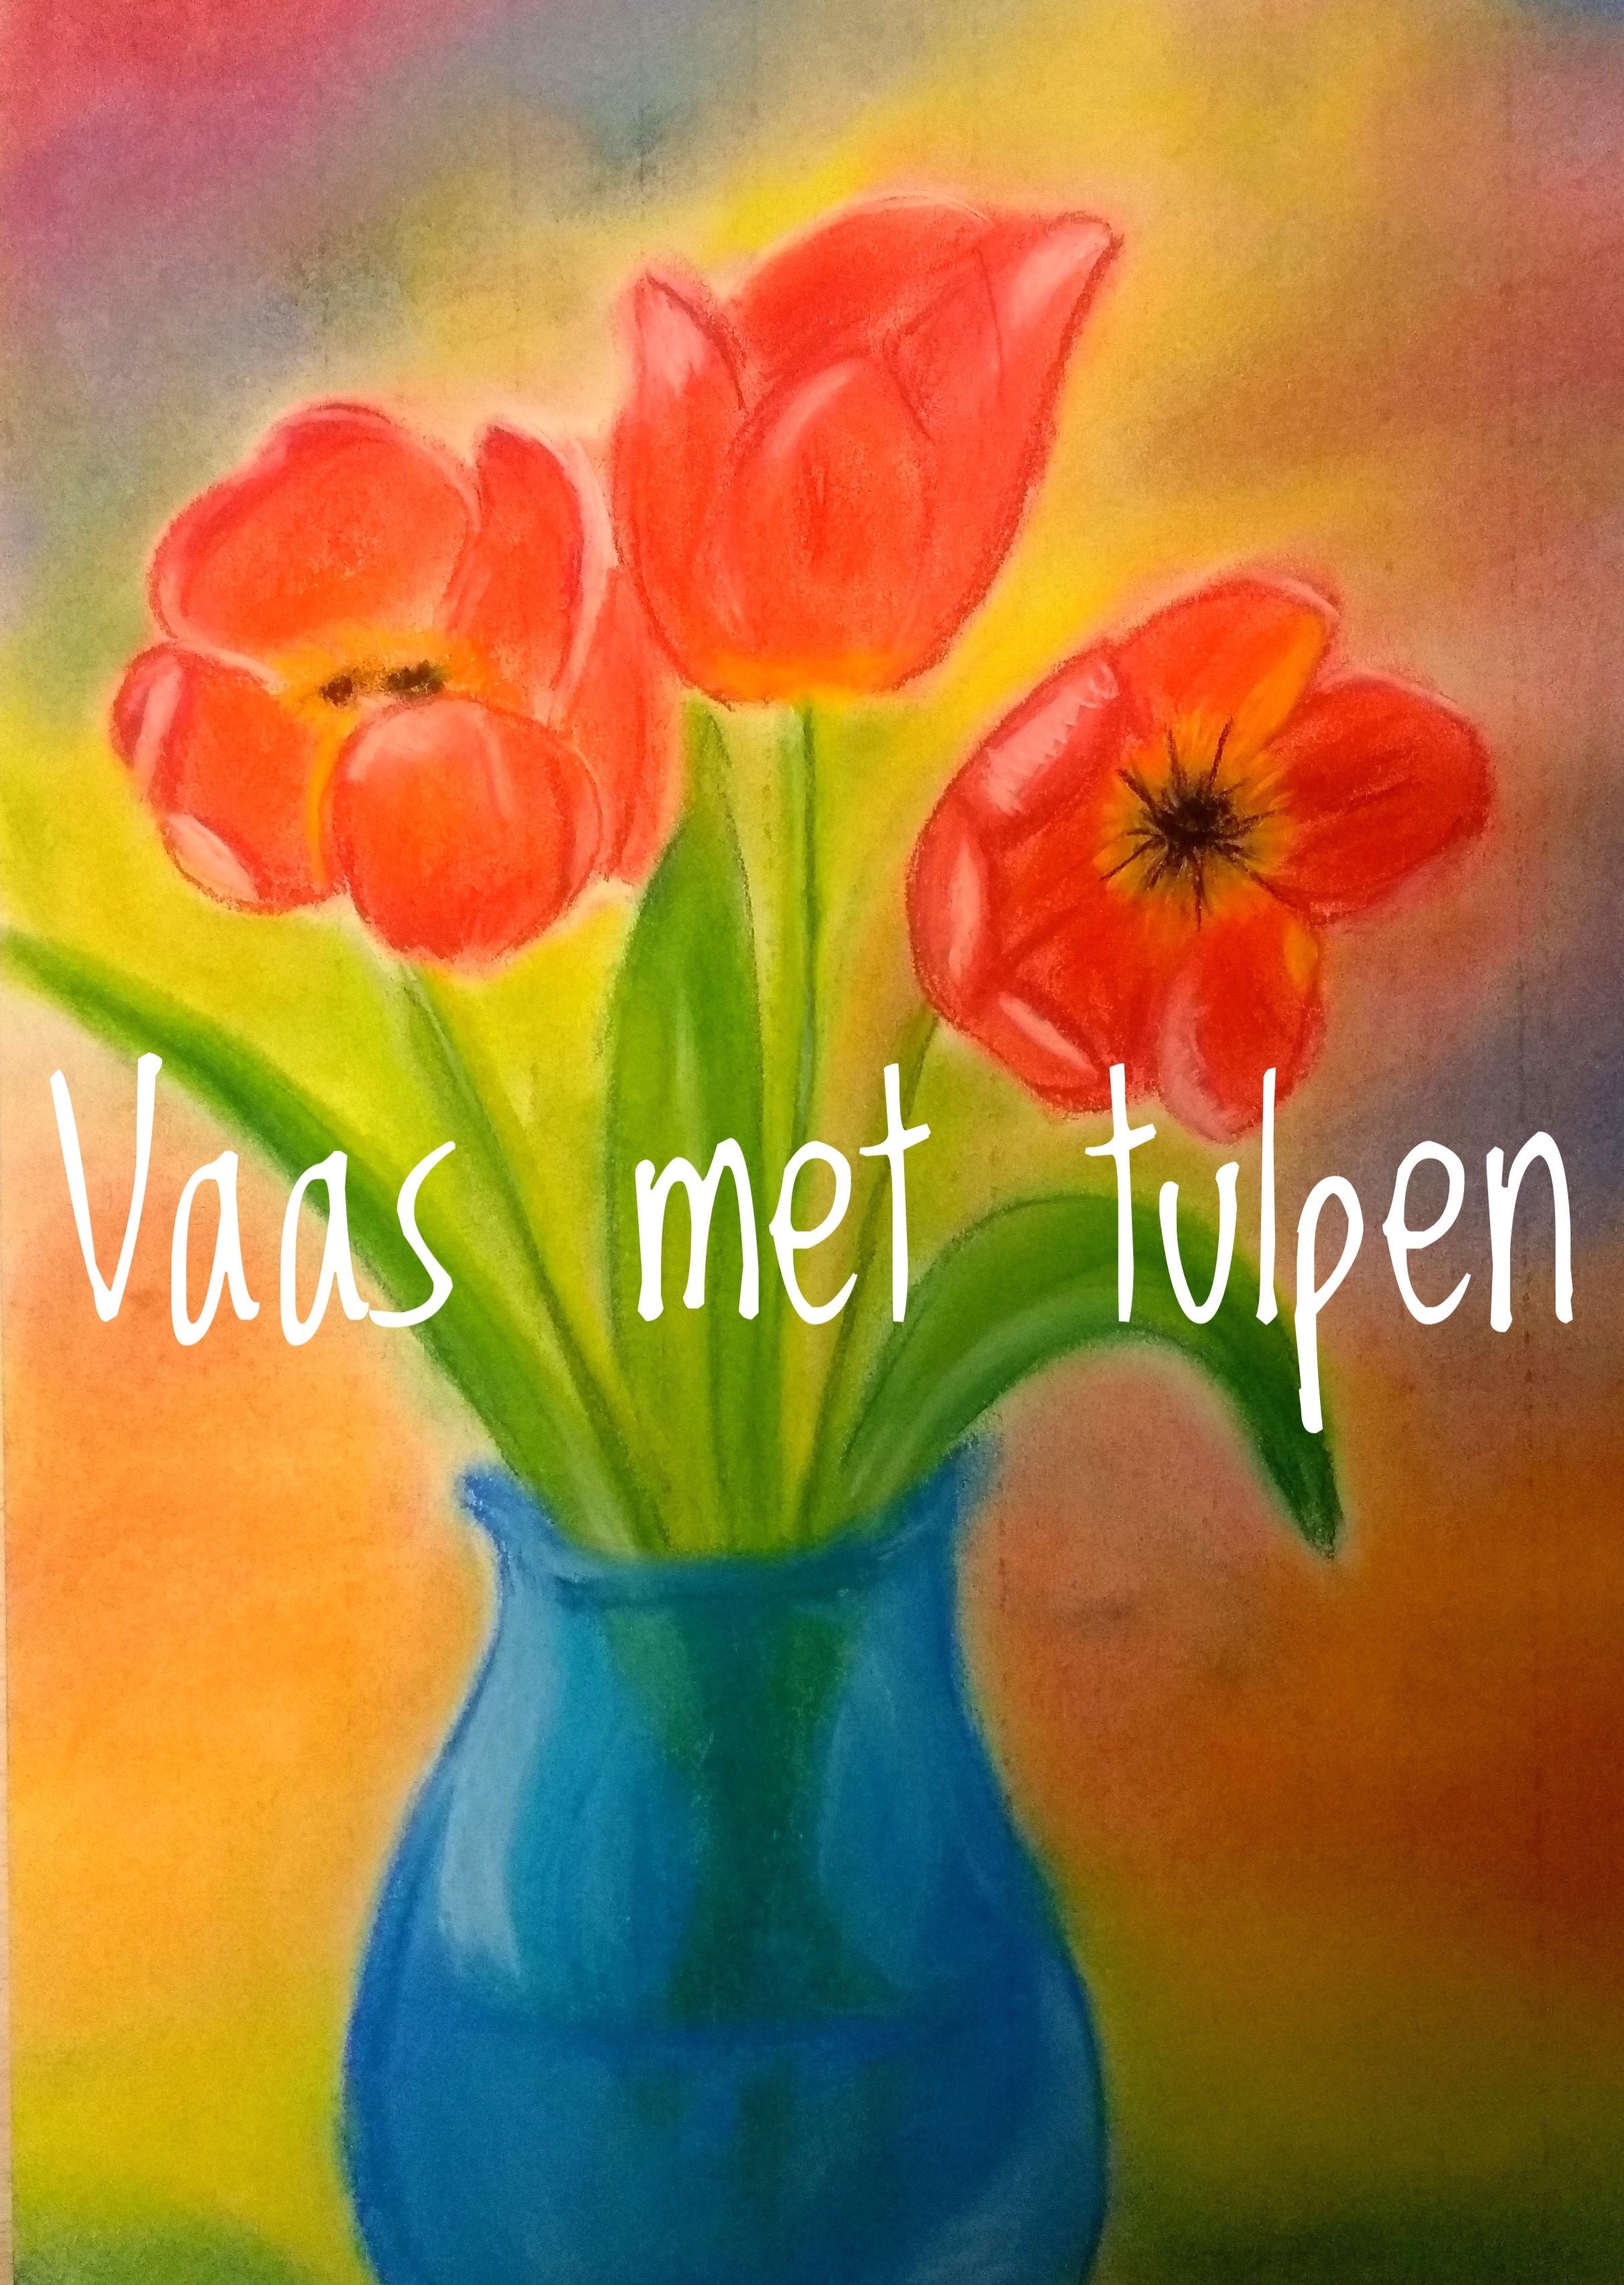 vaas-met-tulpen